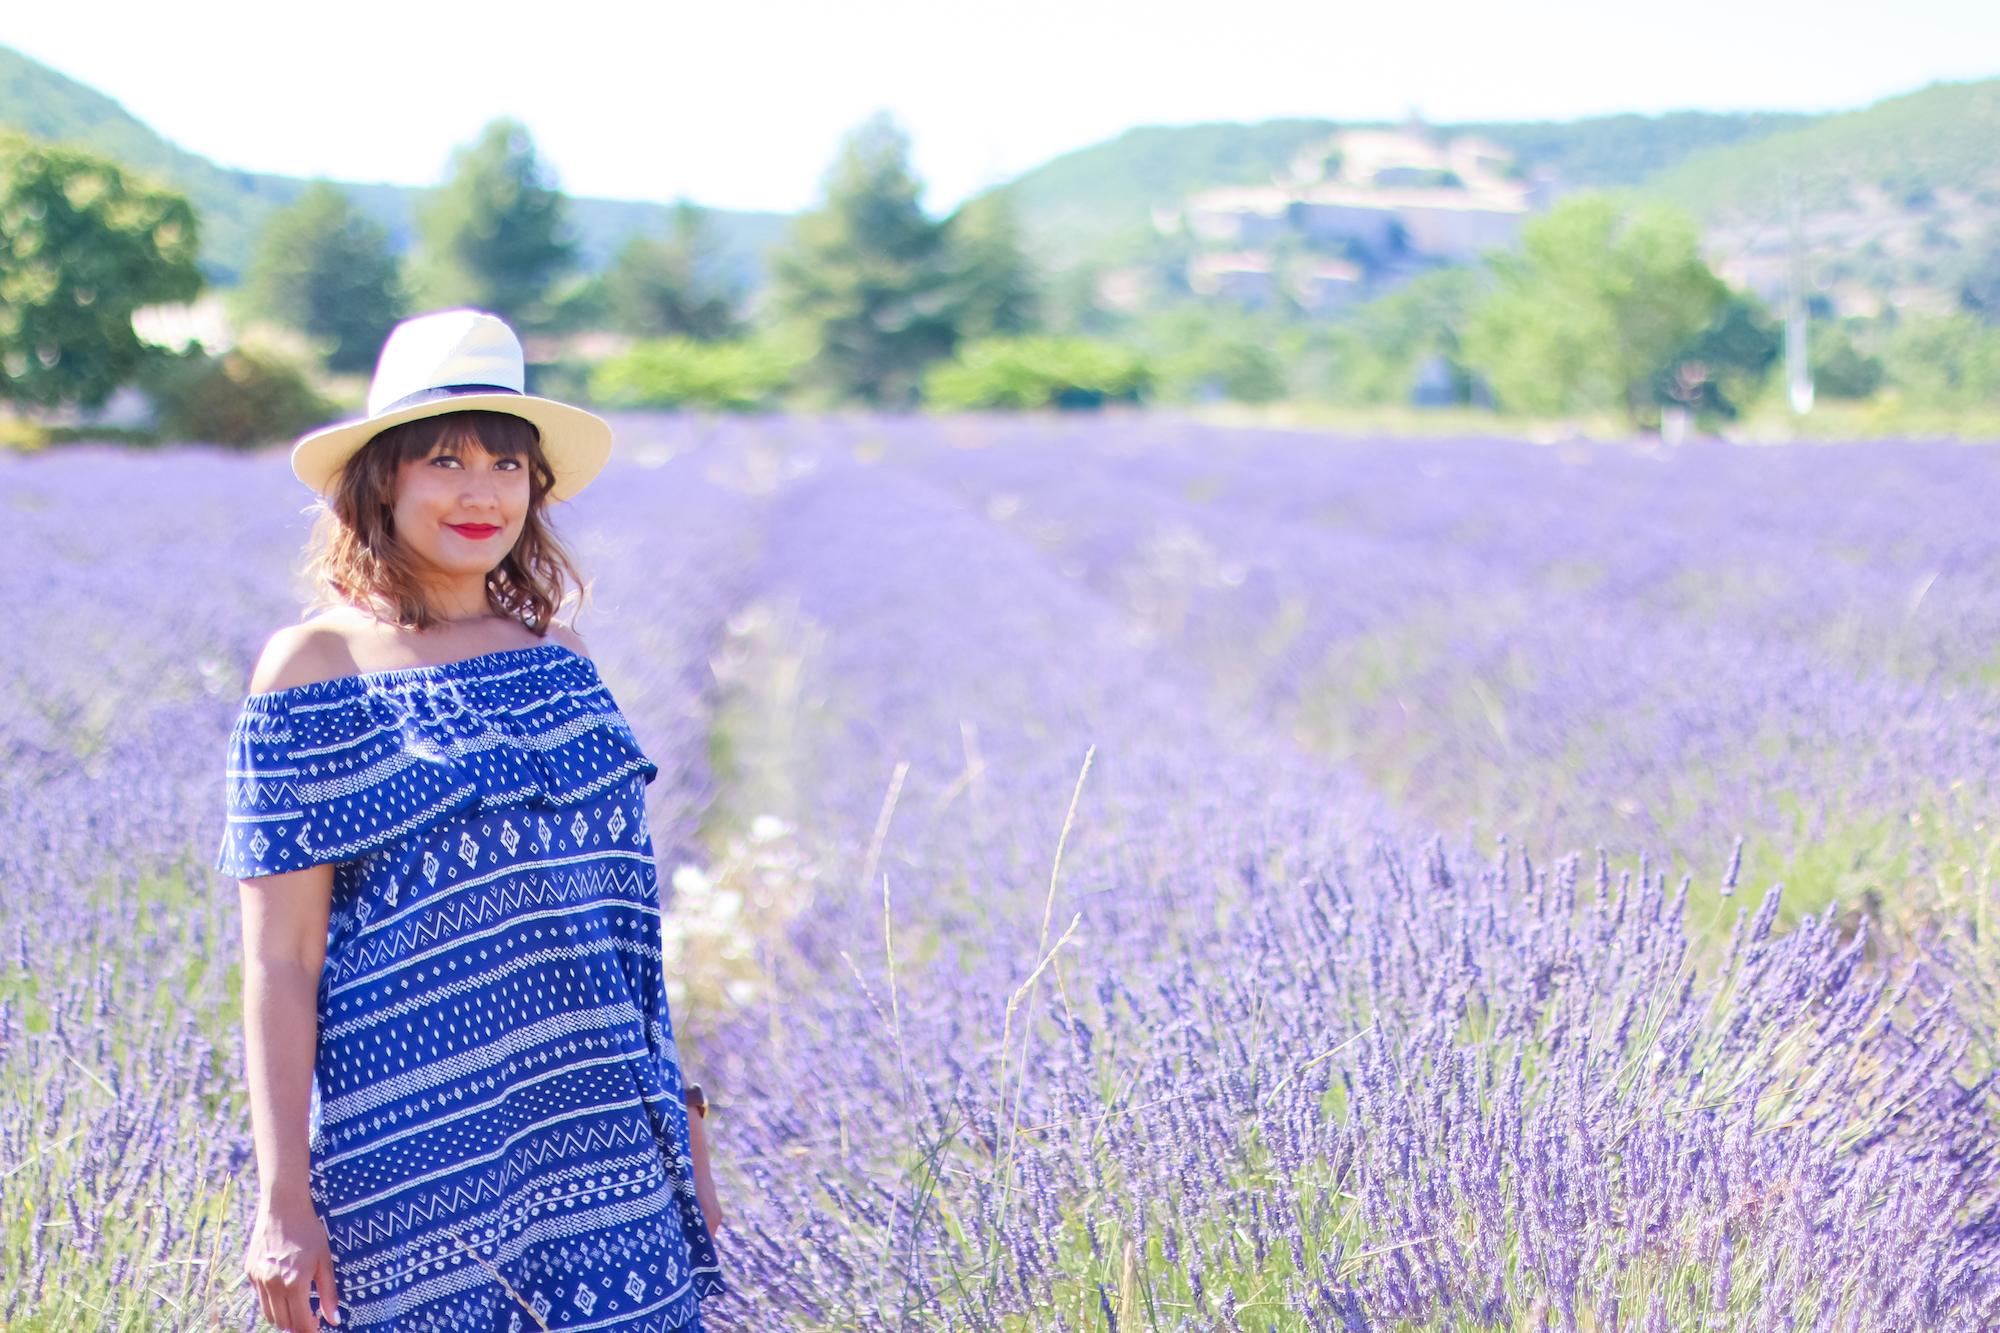 Champs lavande provence village Banon-4